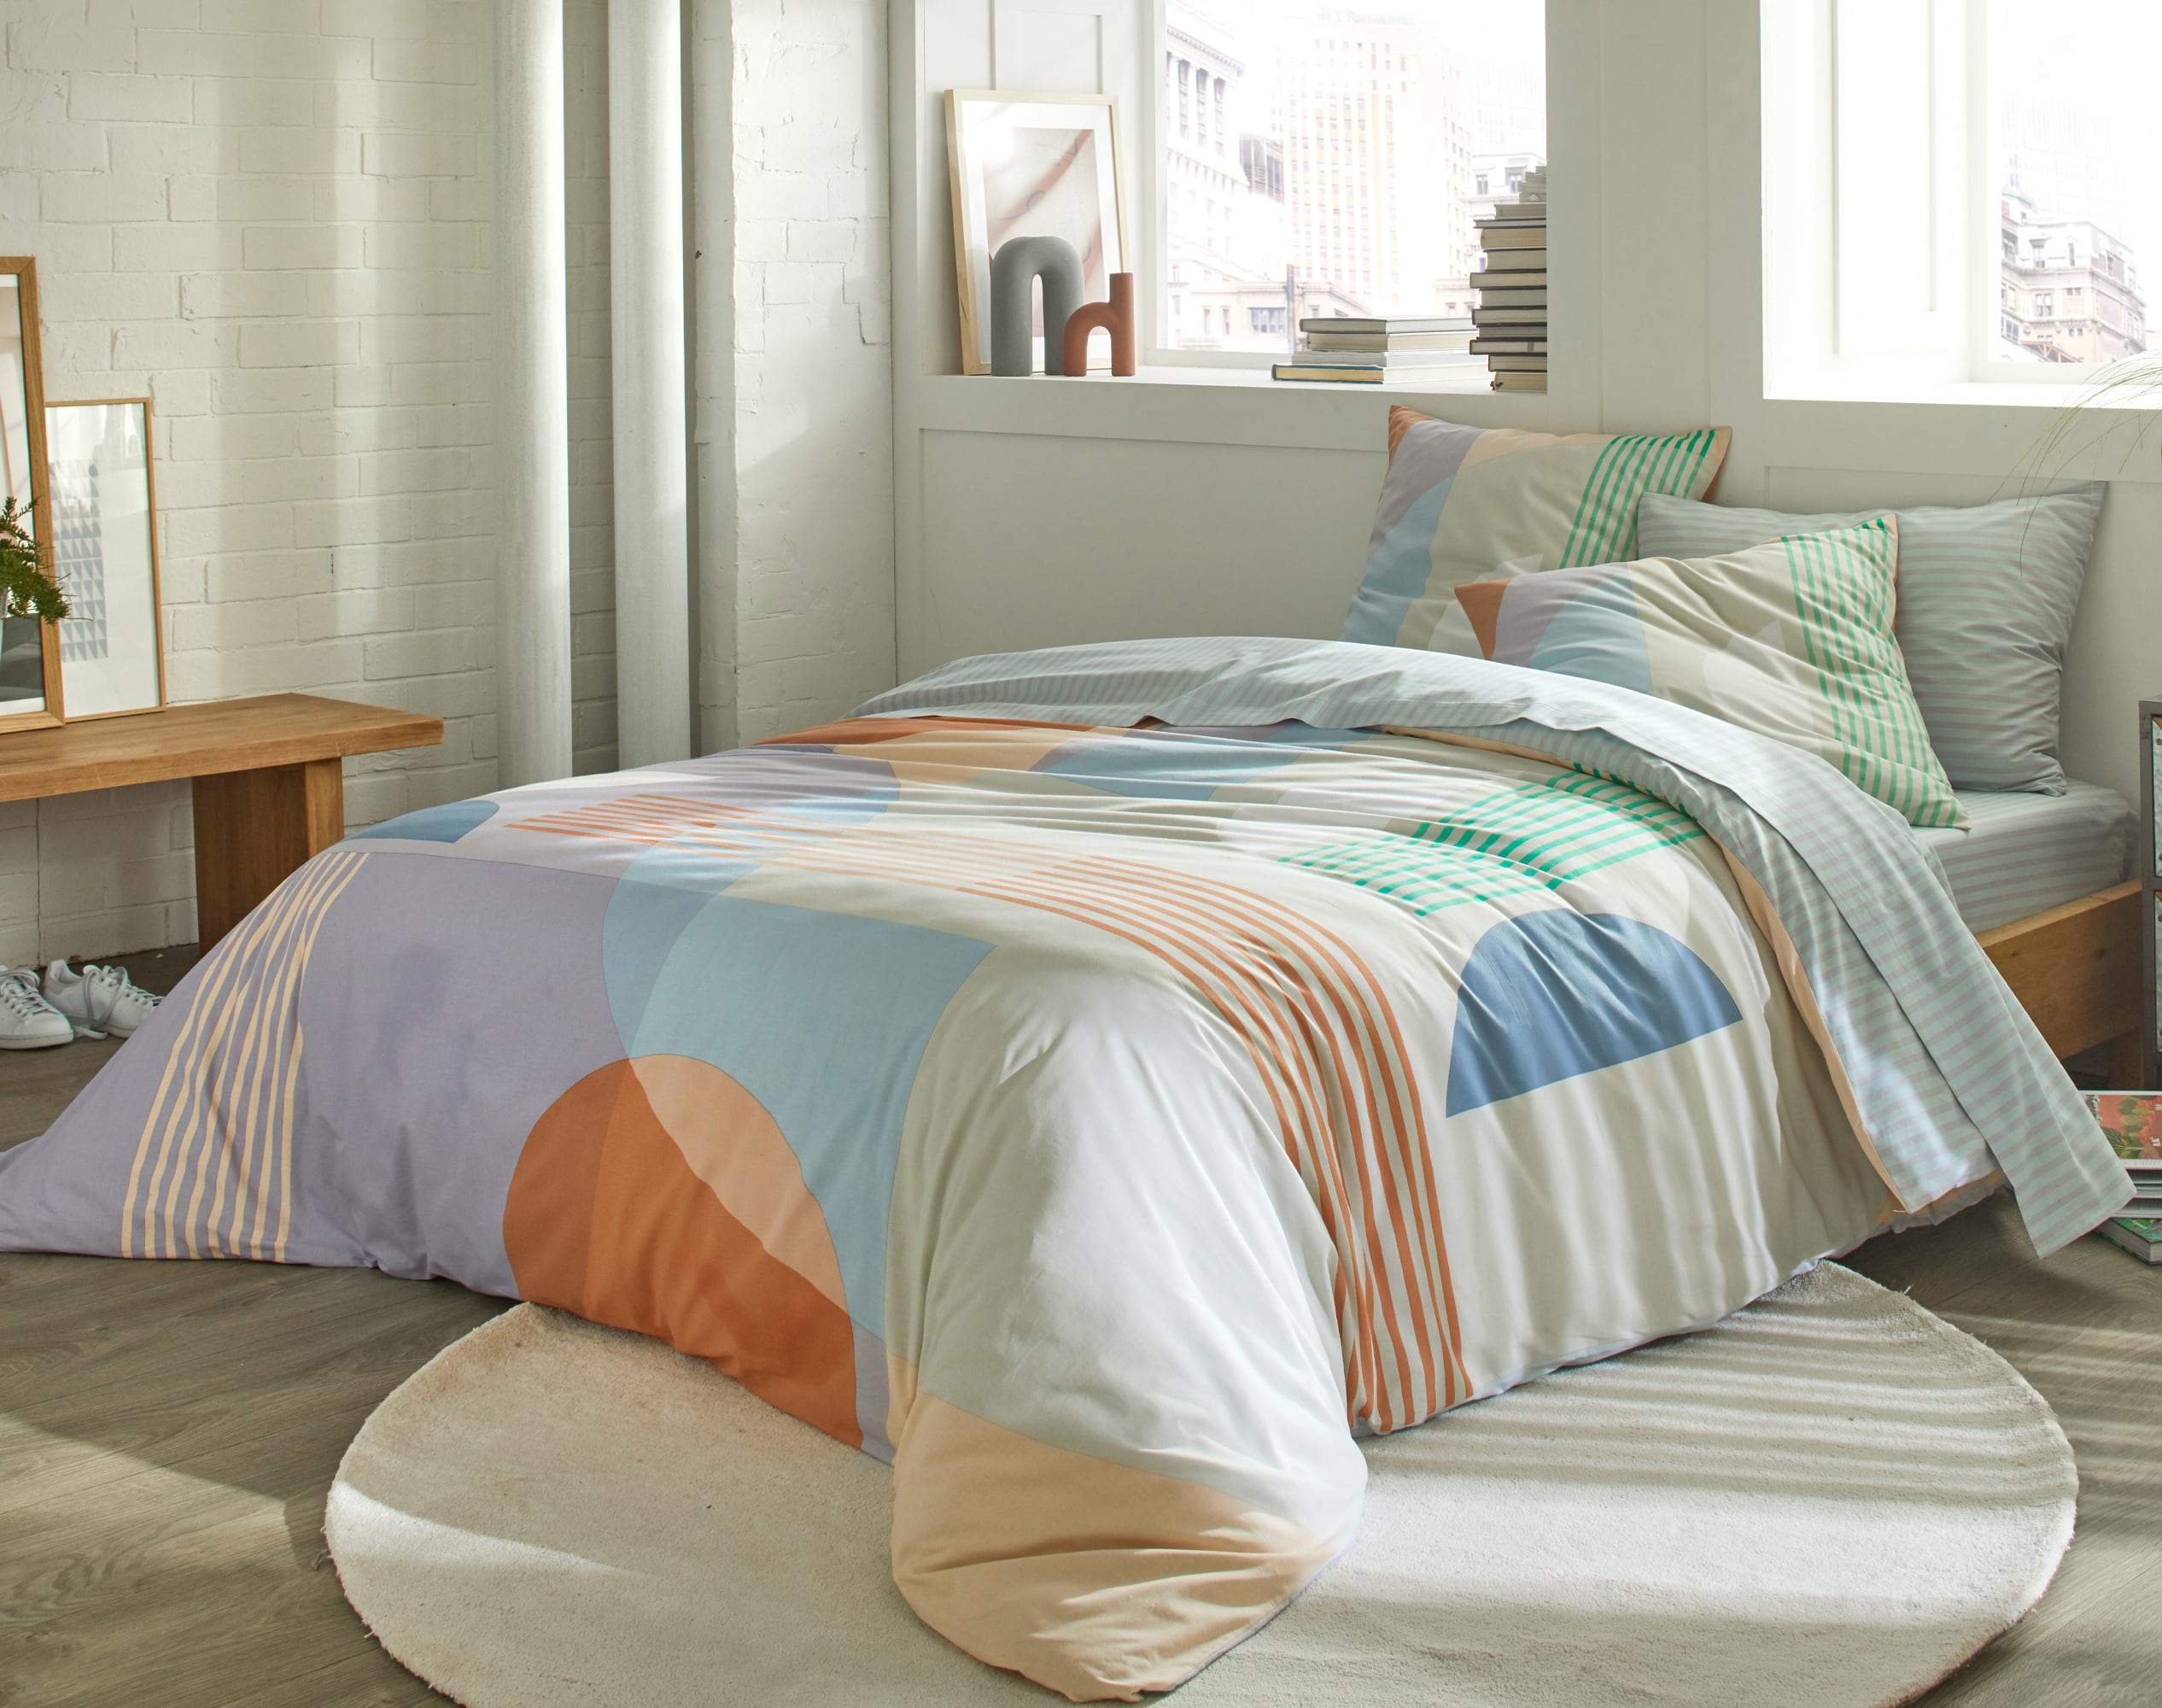 Housse de couette 200x200 en coton multicolore